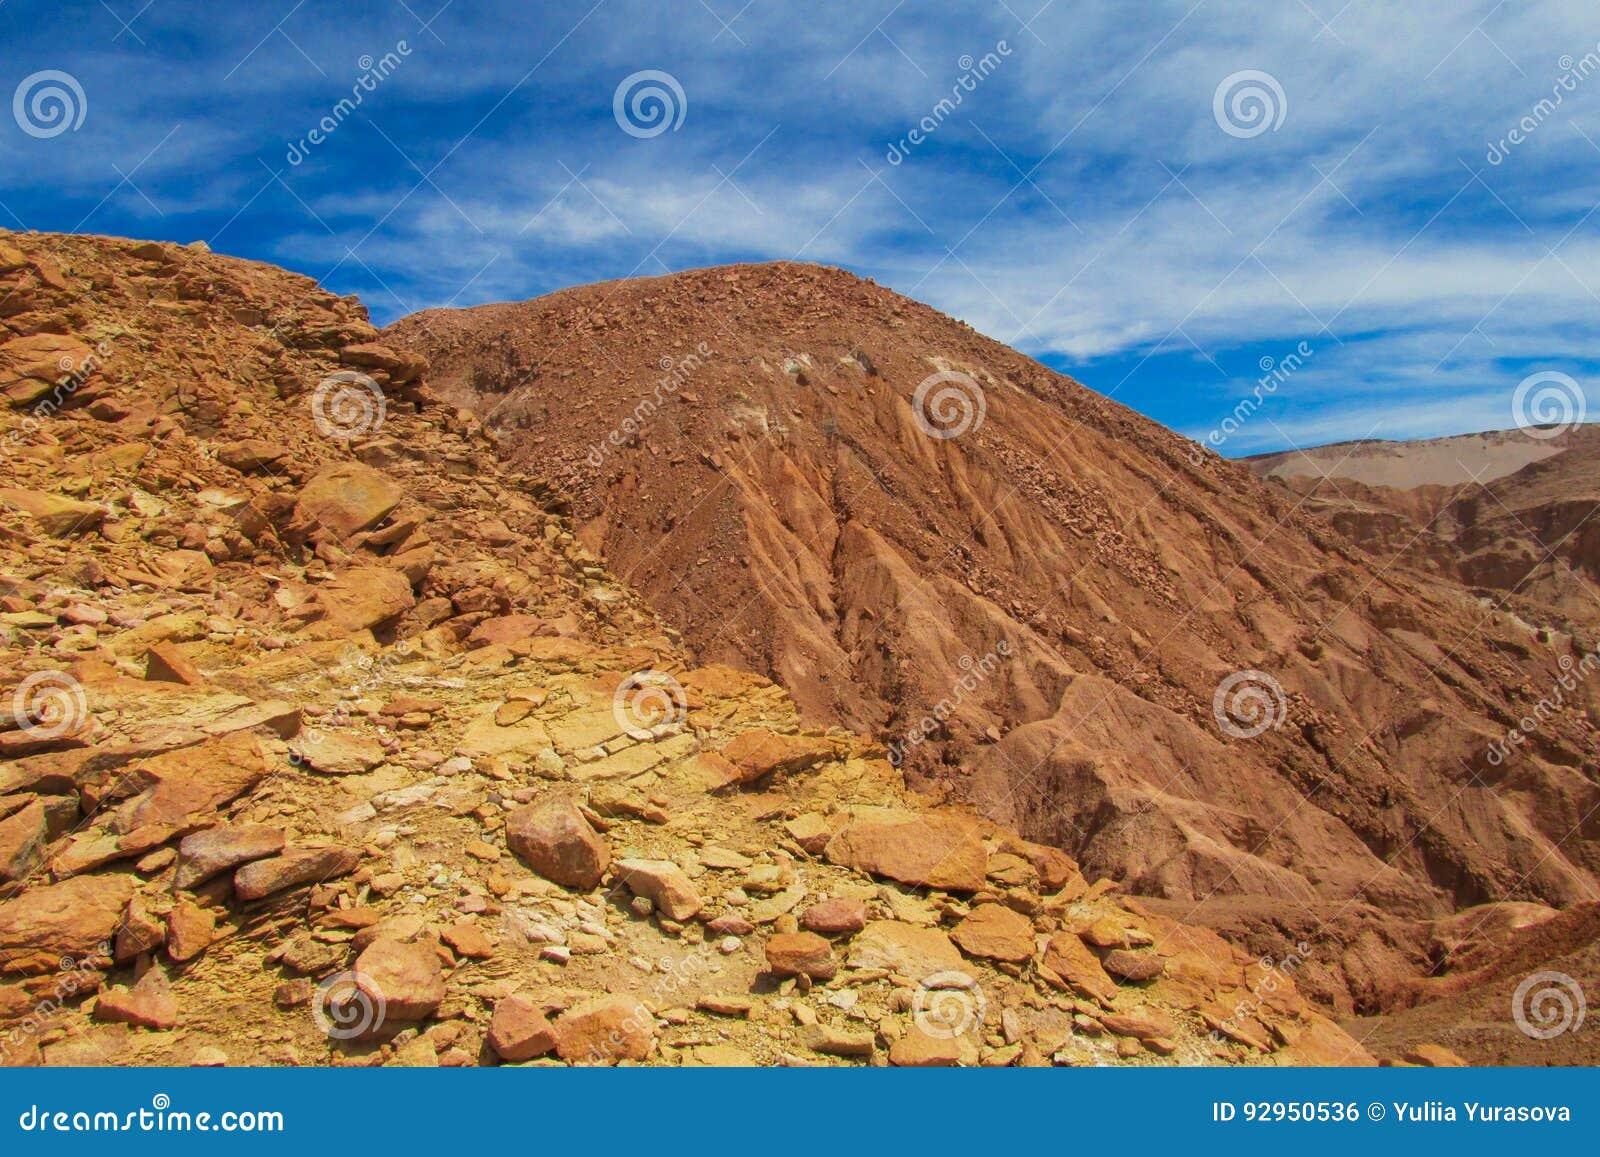 Inclinações de montanha do deserto de Atacama